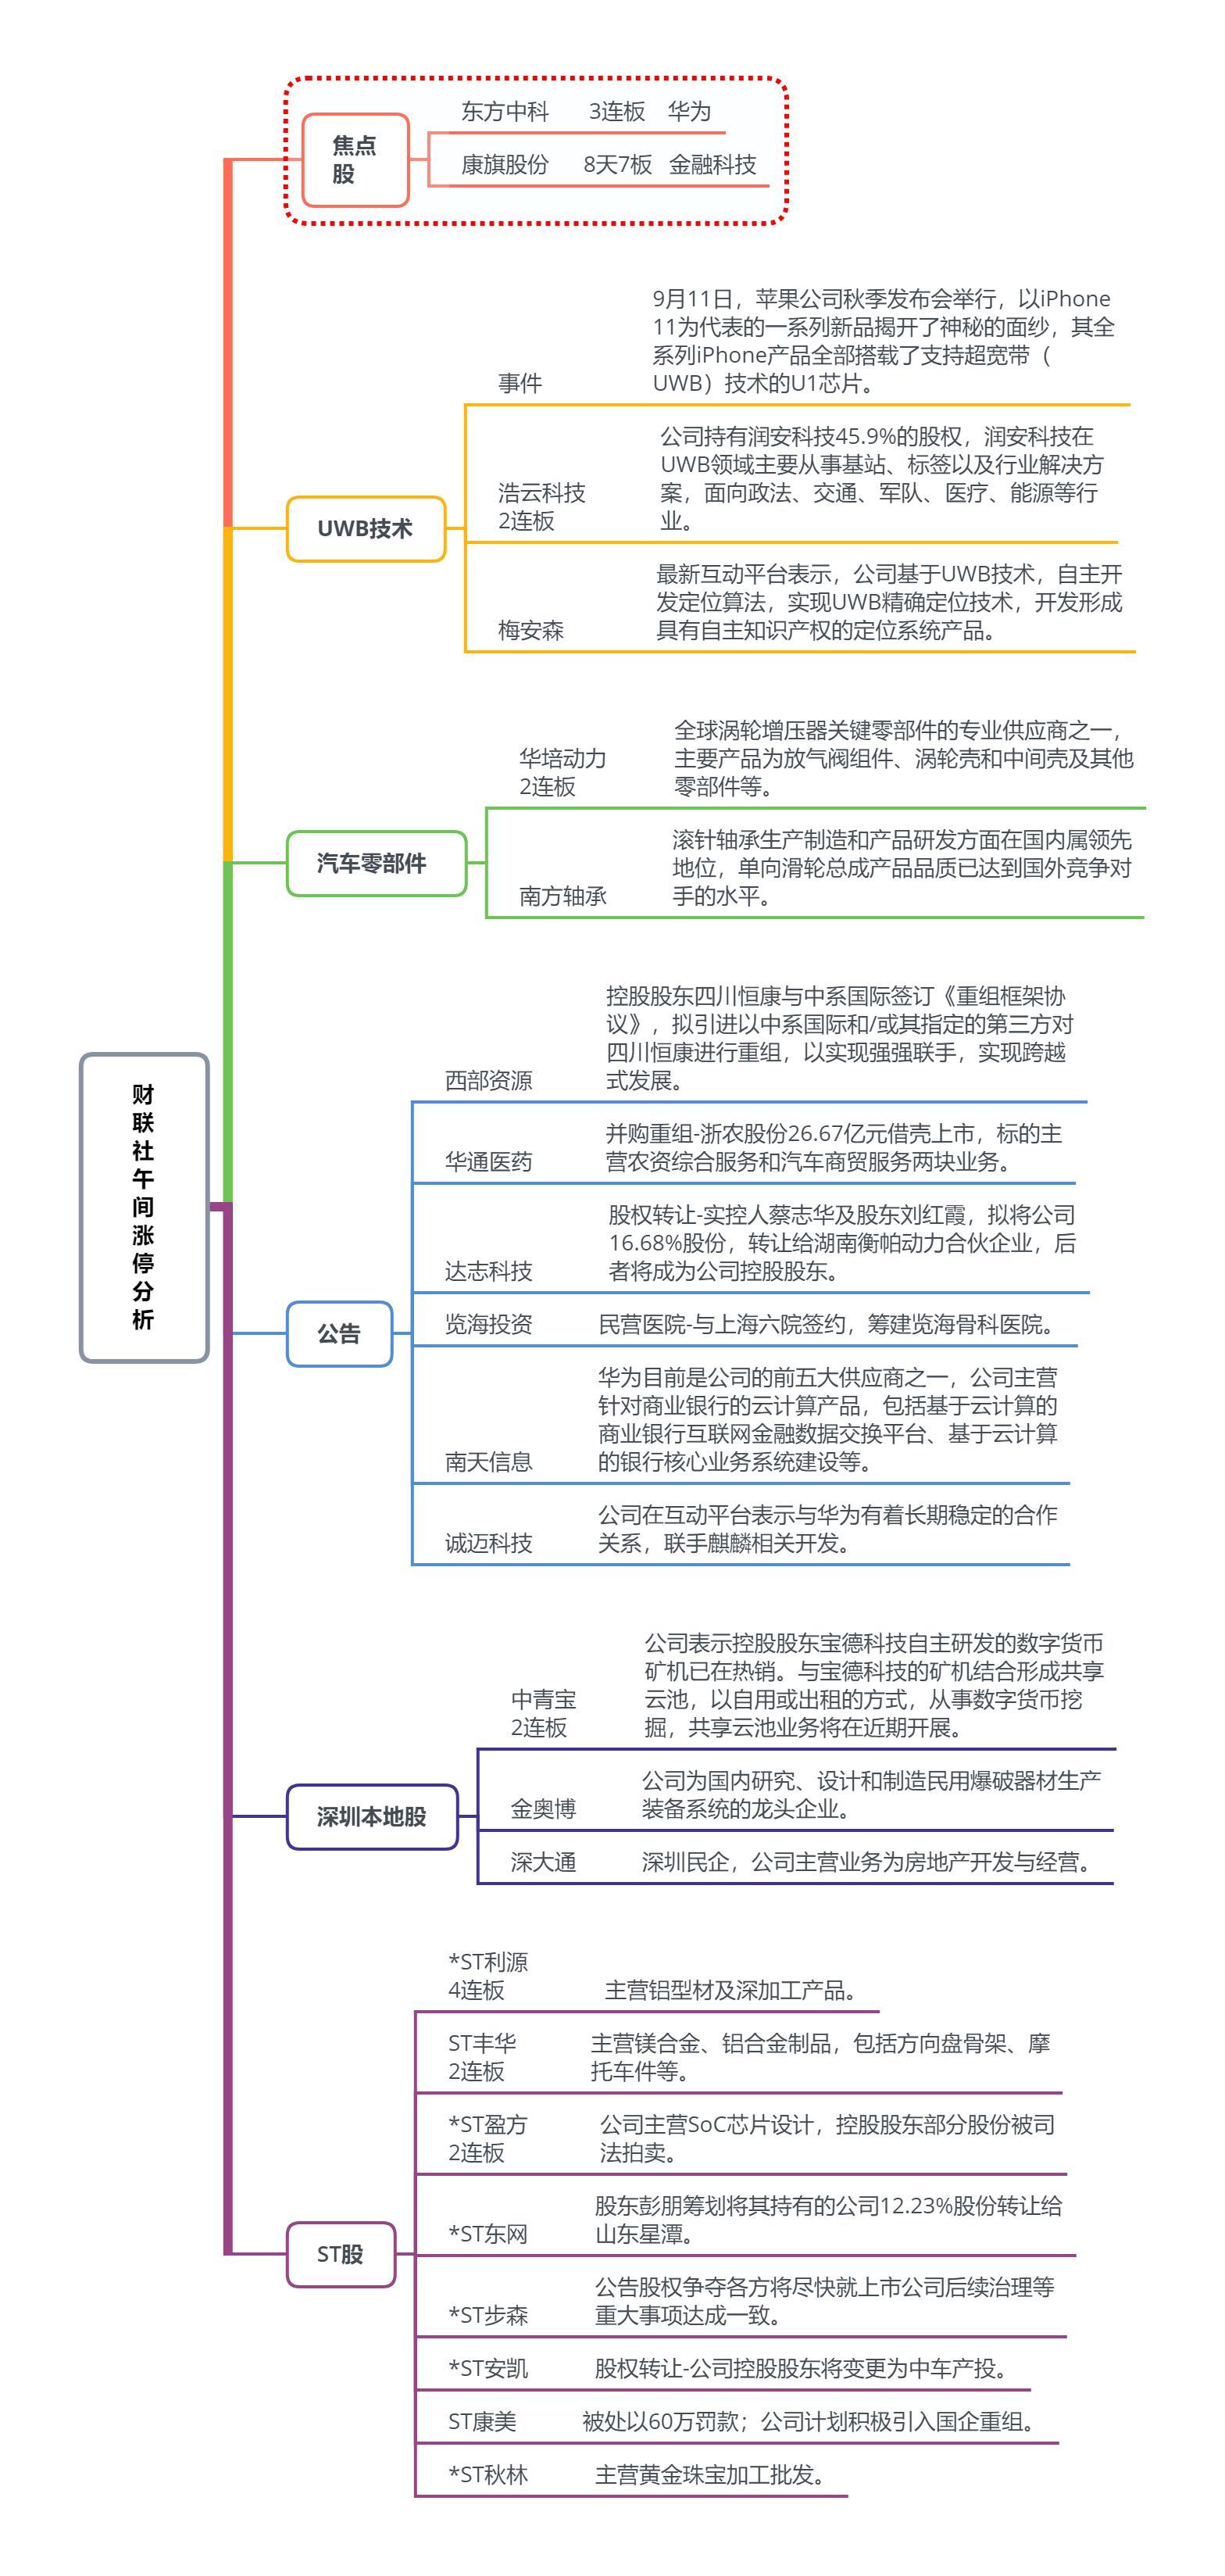 【财联社午报】沪指失守3000点 金融科技板块逆势走强